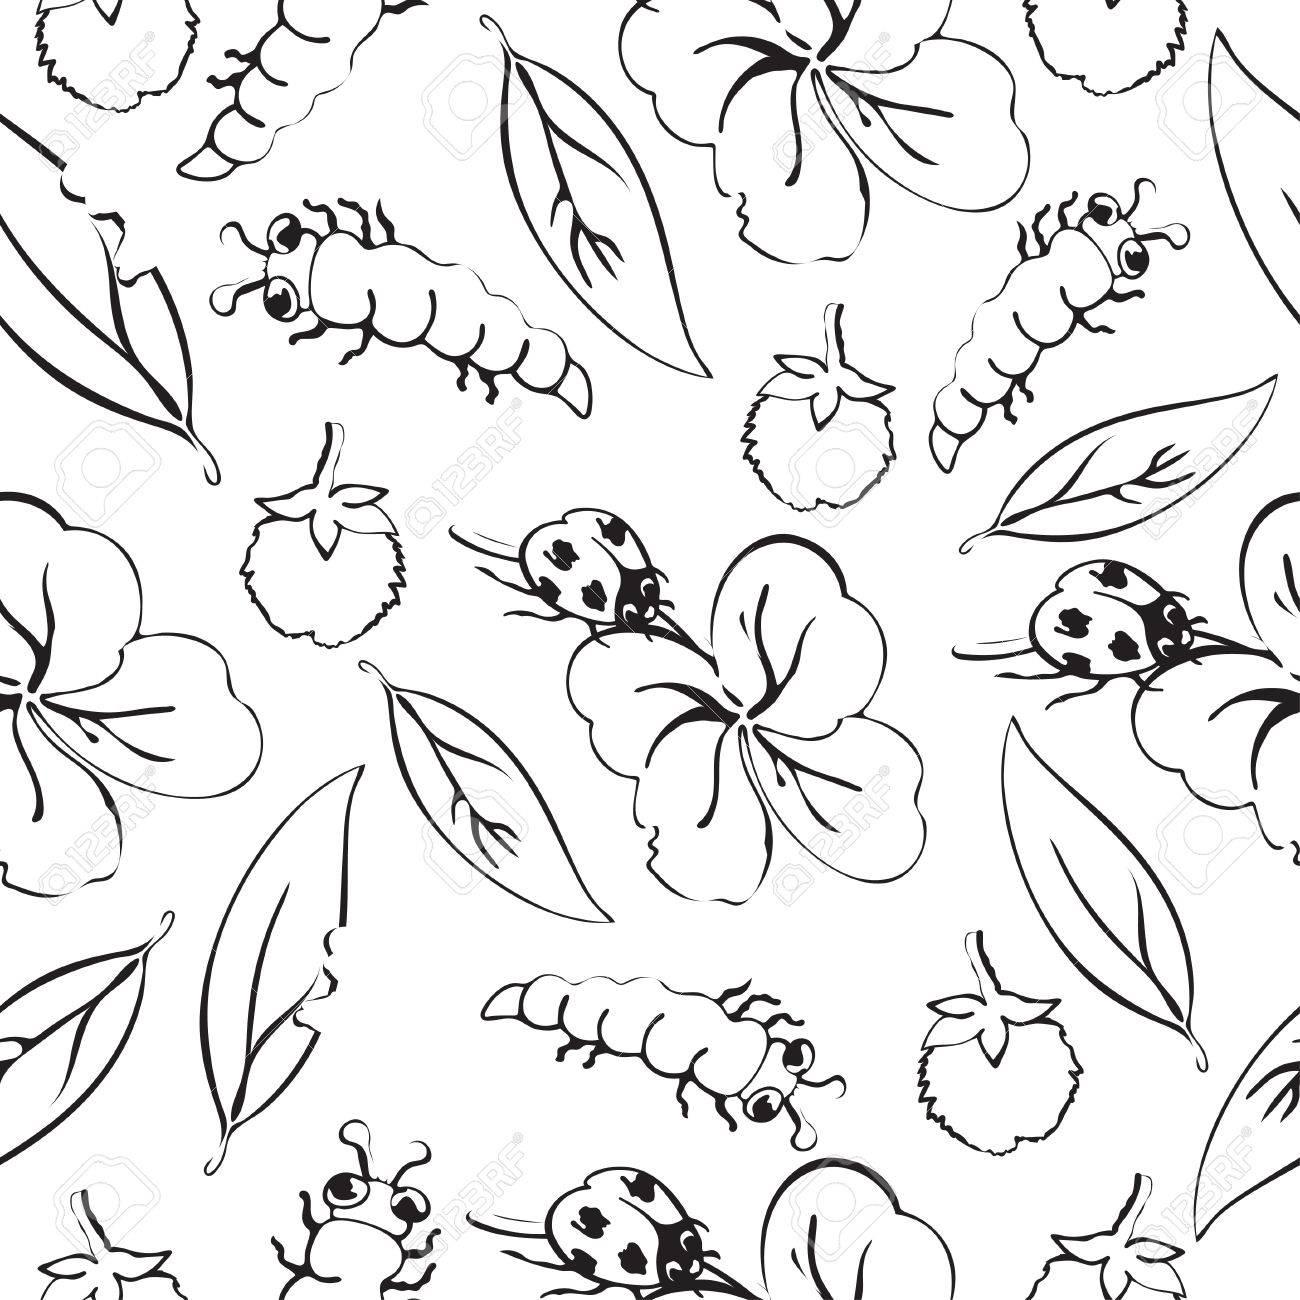 Dibujo De Dibujos Animados Dibujo Insectos Hojas Y Flores De Trebol